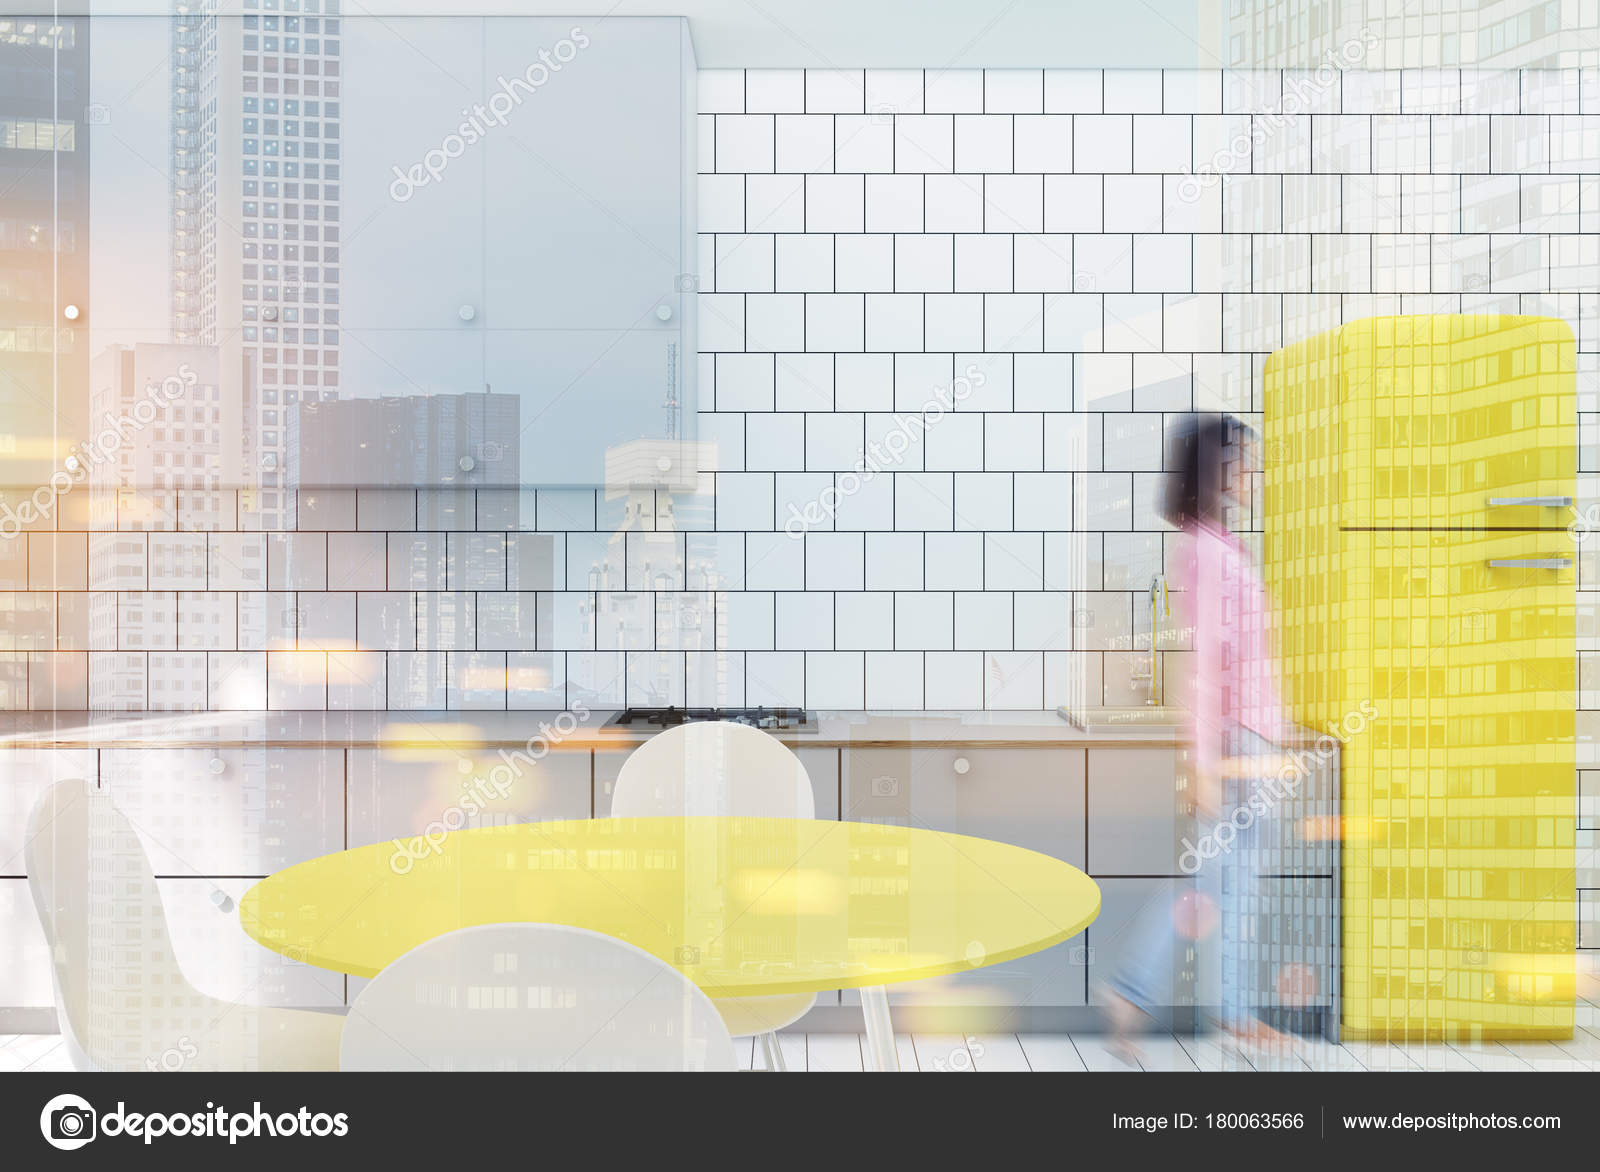 Białe Kafelki Kuchnia Lodówka żółty Stonowanych Zdjęcie